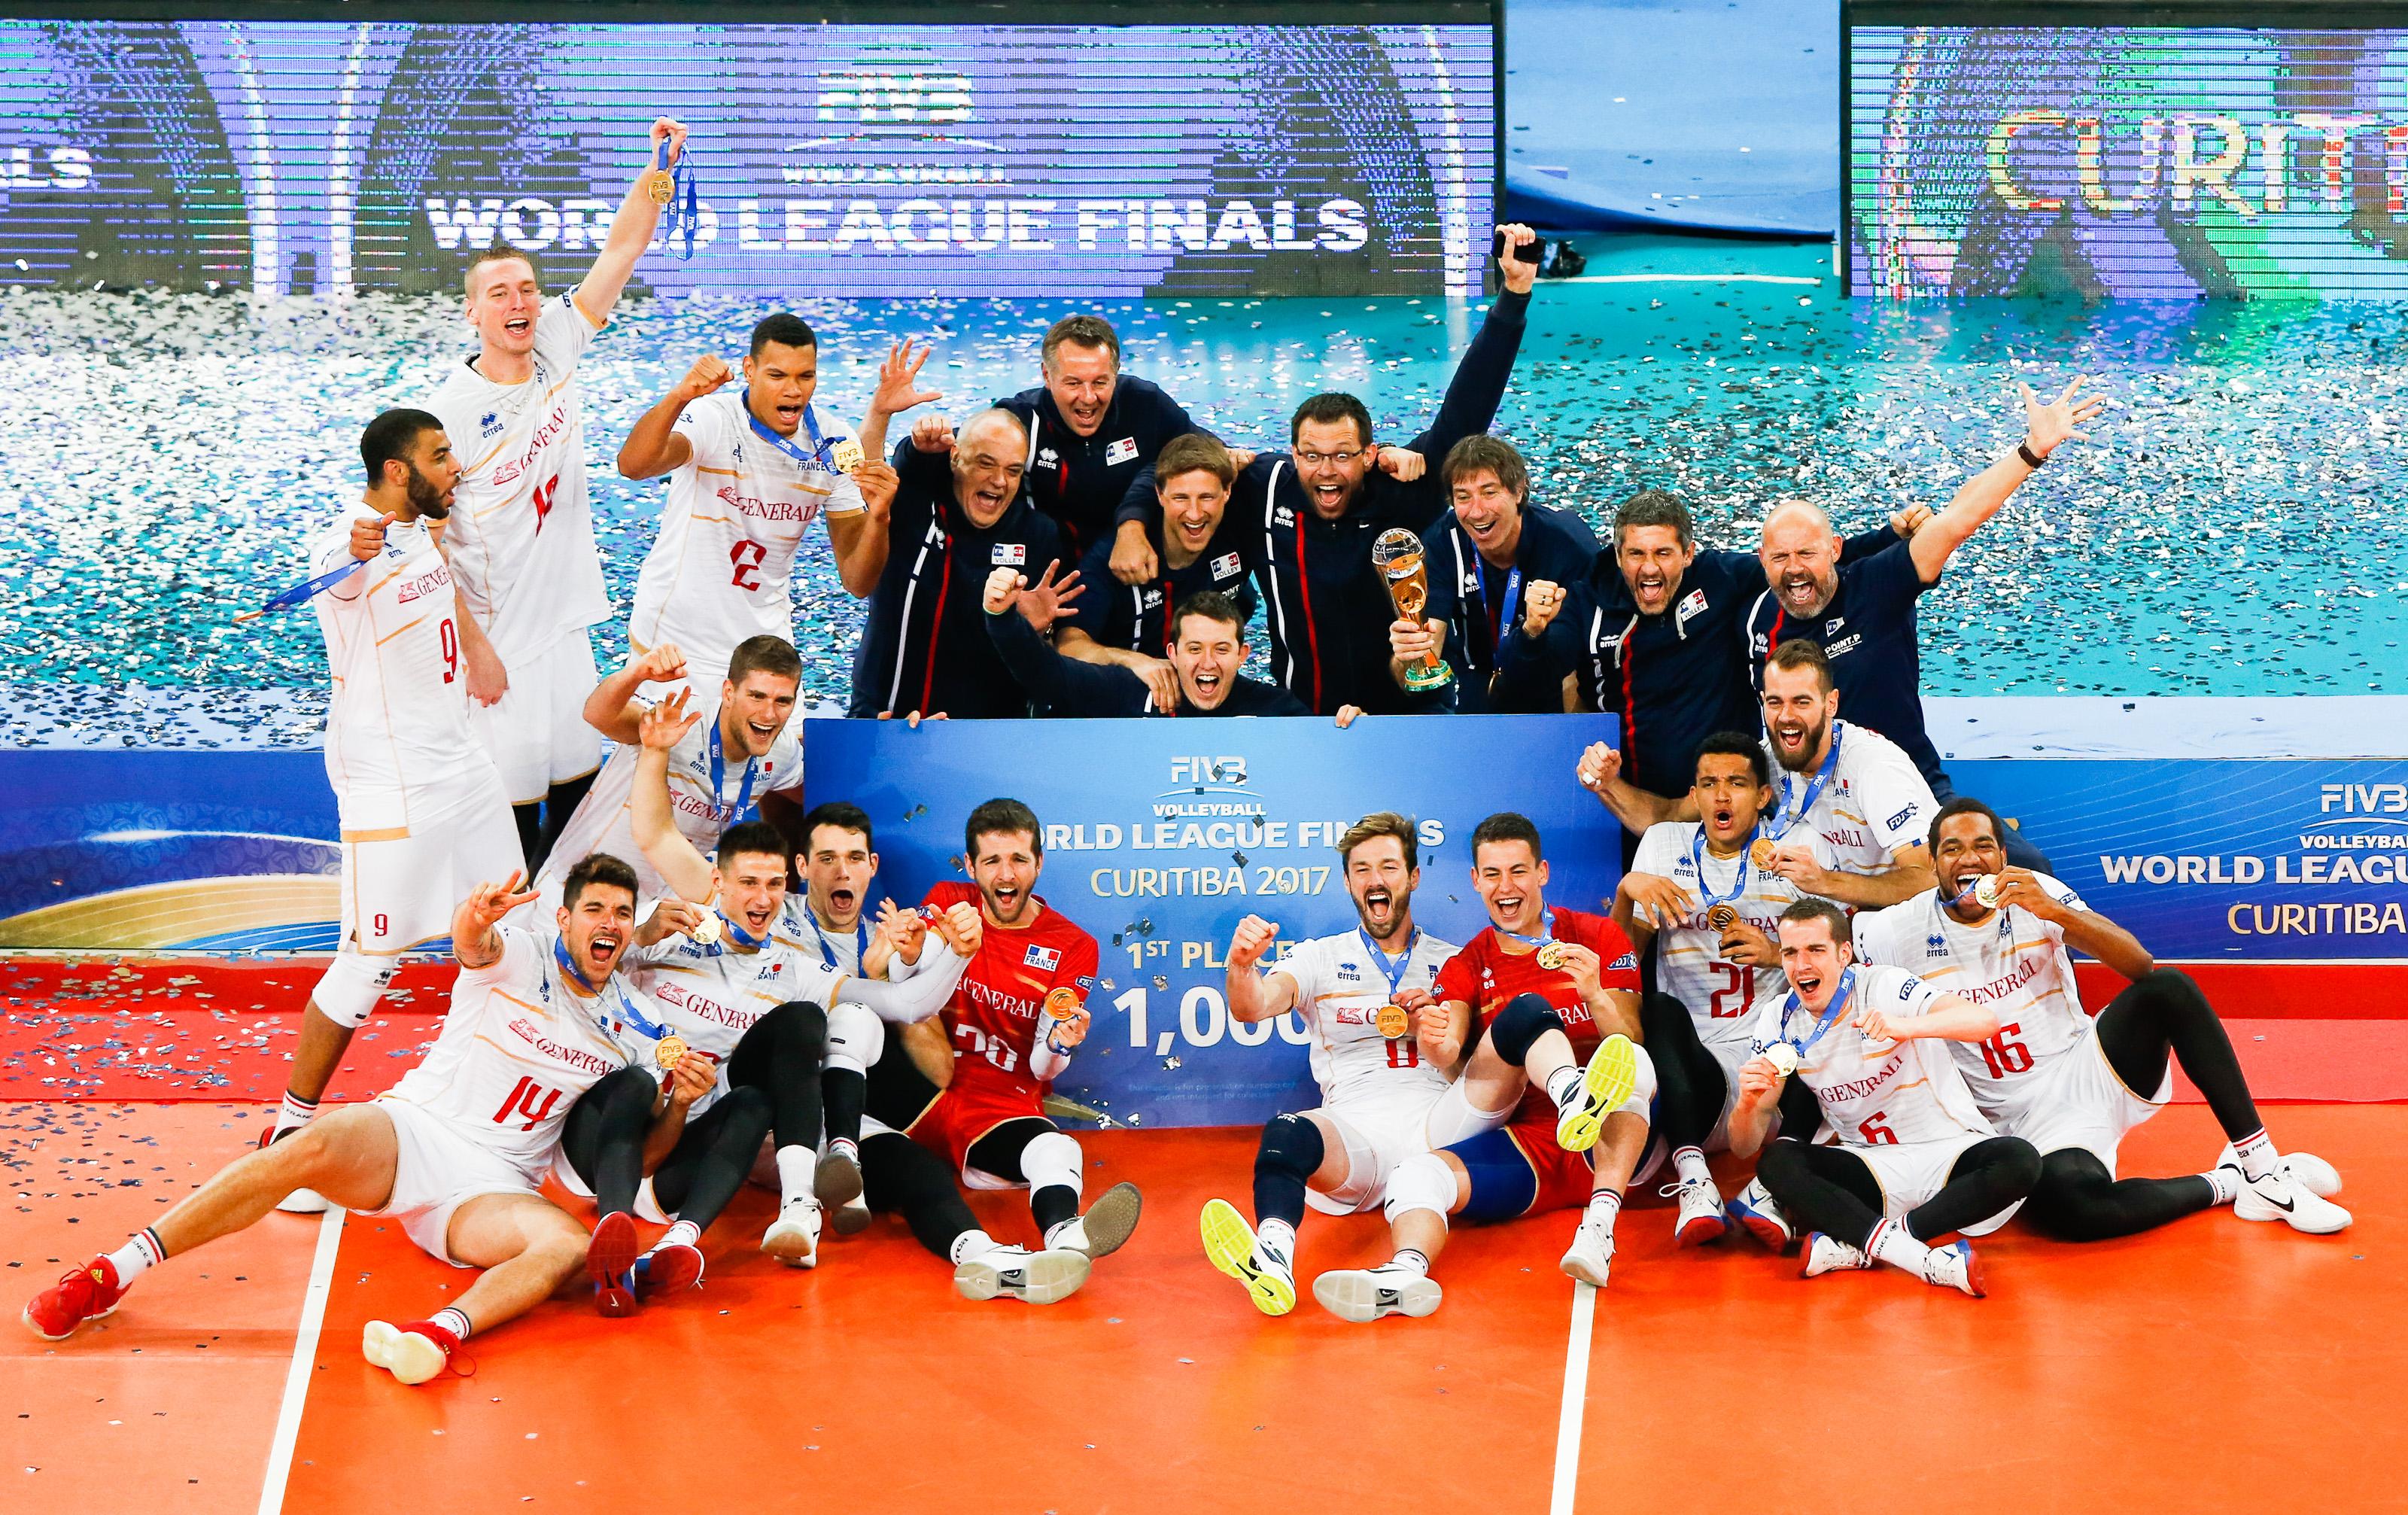 3 bwhplayers WorldLeague Champions!!